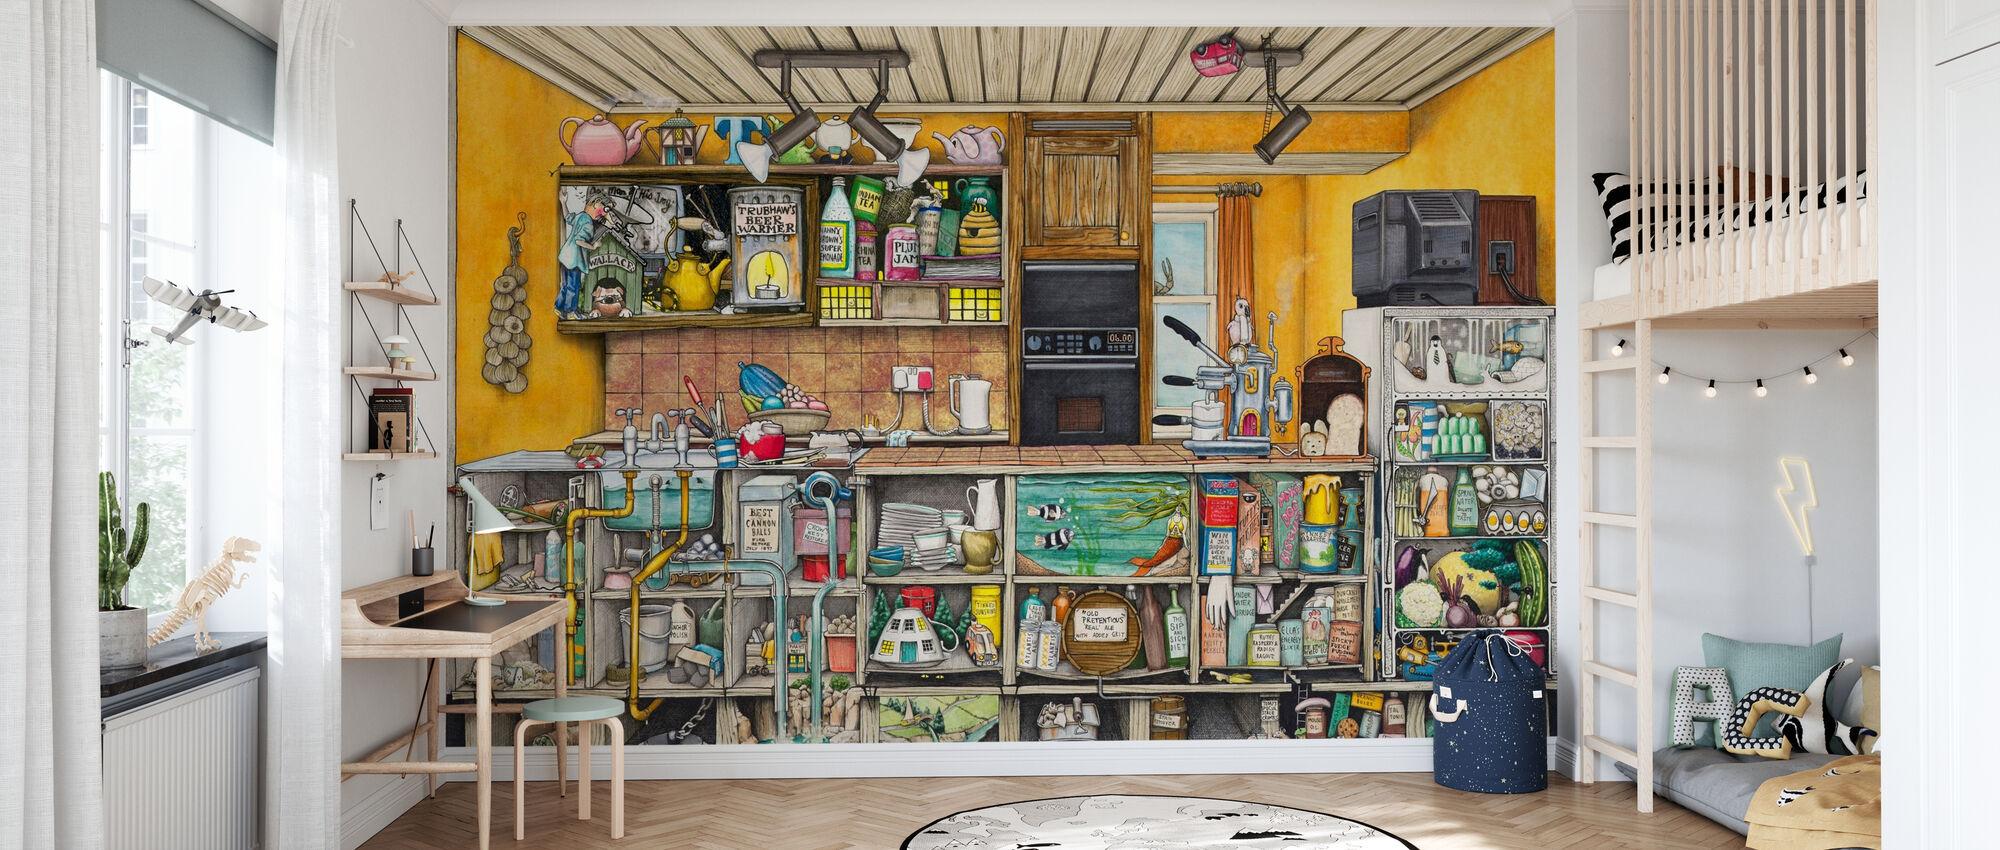 Kjøkkenet - Tapet - Barnerom